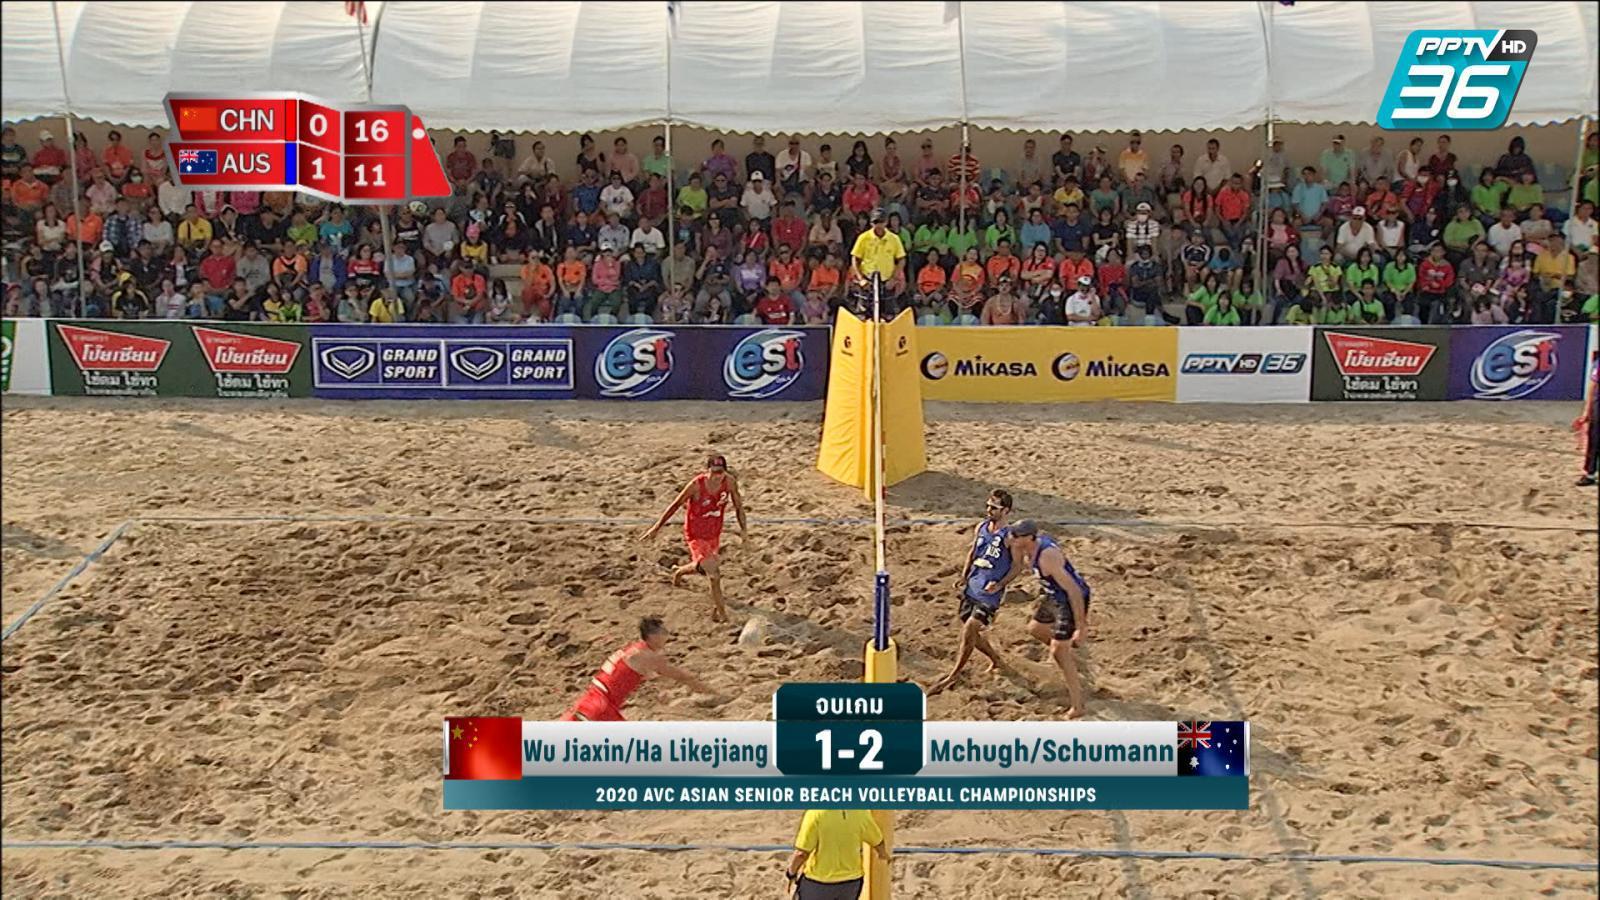 ไฮไลท์ | การแข่งขันวอลเลย์บอลชายหาด เอสโคล่า ชายคู่ | ทีมชาติจีน พบ ทีมชาติออสเตรเลีย | 16 ก.พ. 63